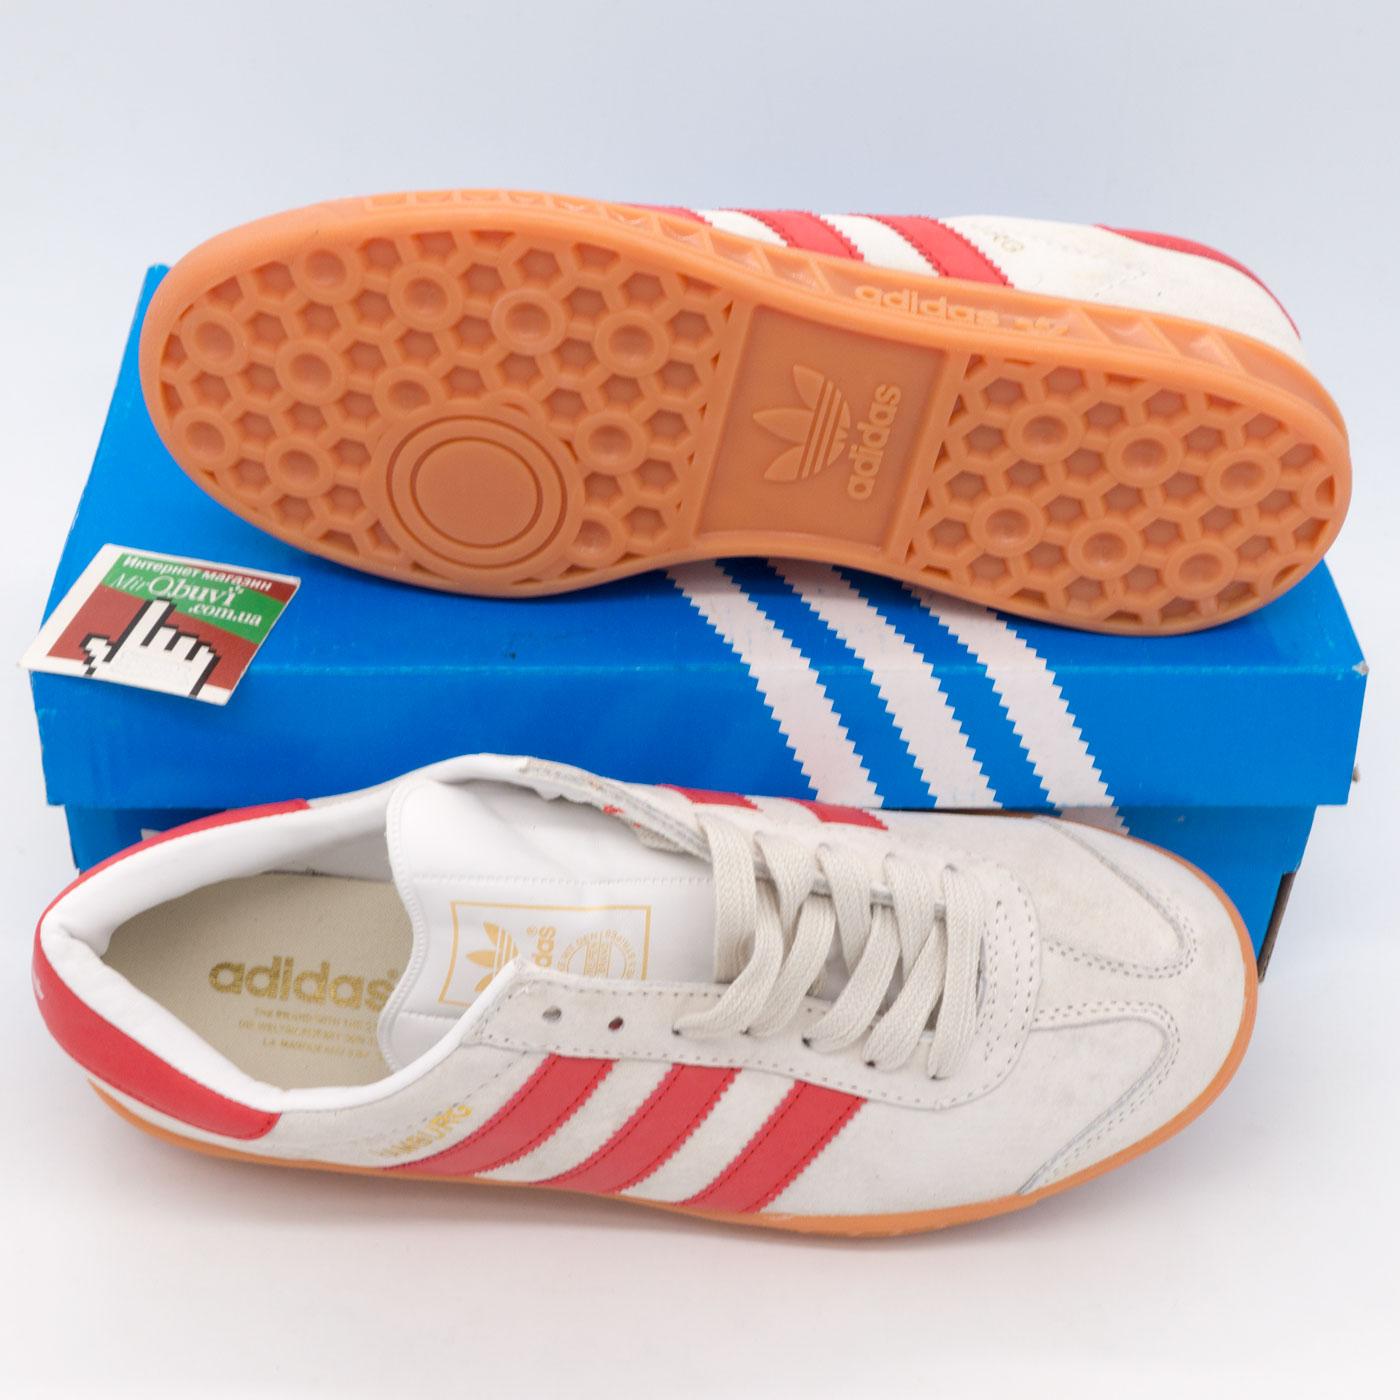 фото bottom Кроссовки Adidas Hamburg светло серые с красным - Натуральная замша - Топ качество! bottom